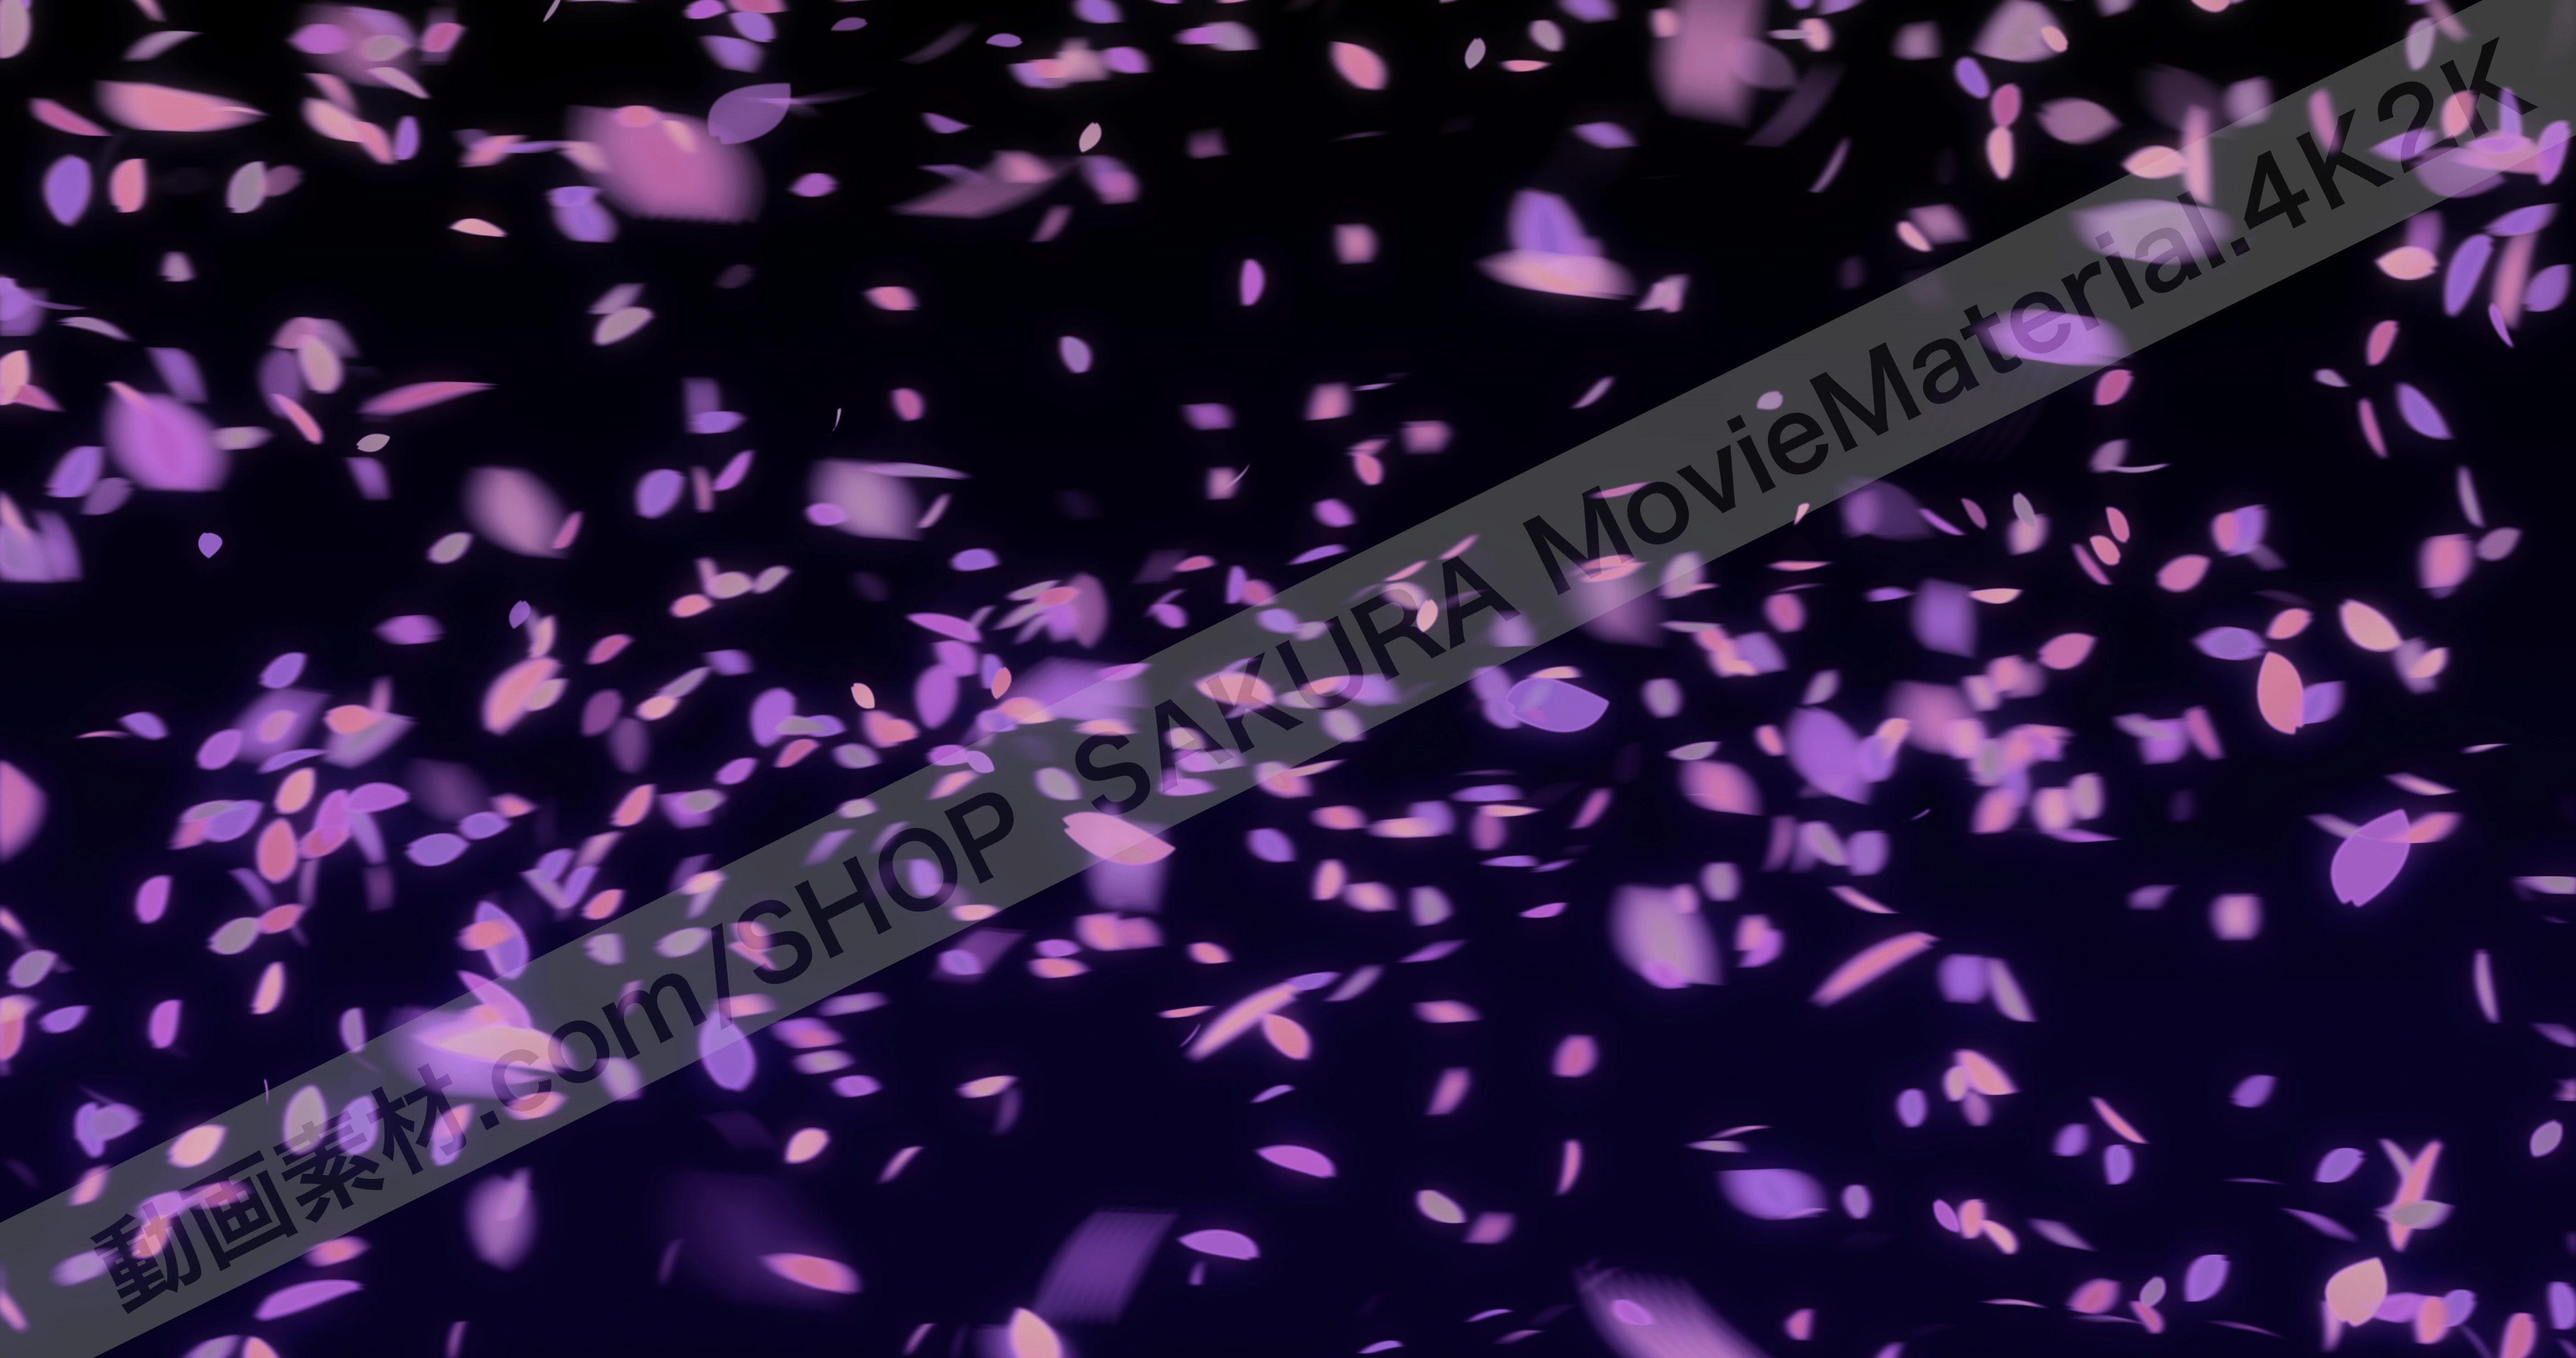 桜の花びら舞う動画素材4098×2160と3840×2160【SAKURA MovieMaterial 4K2K】